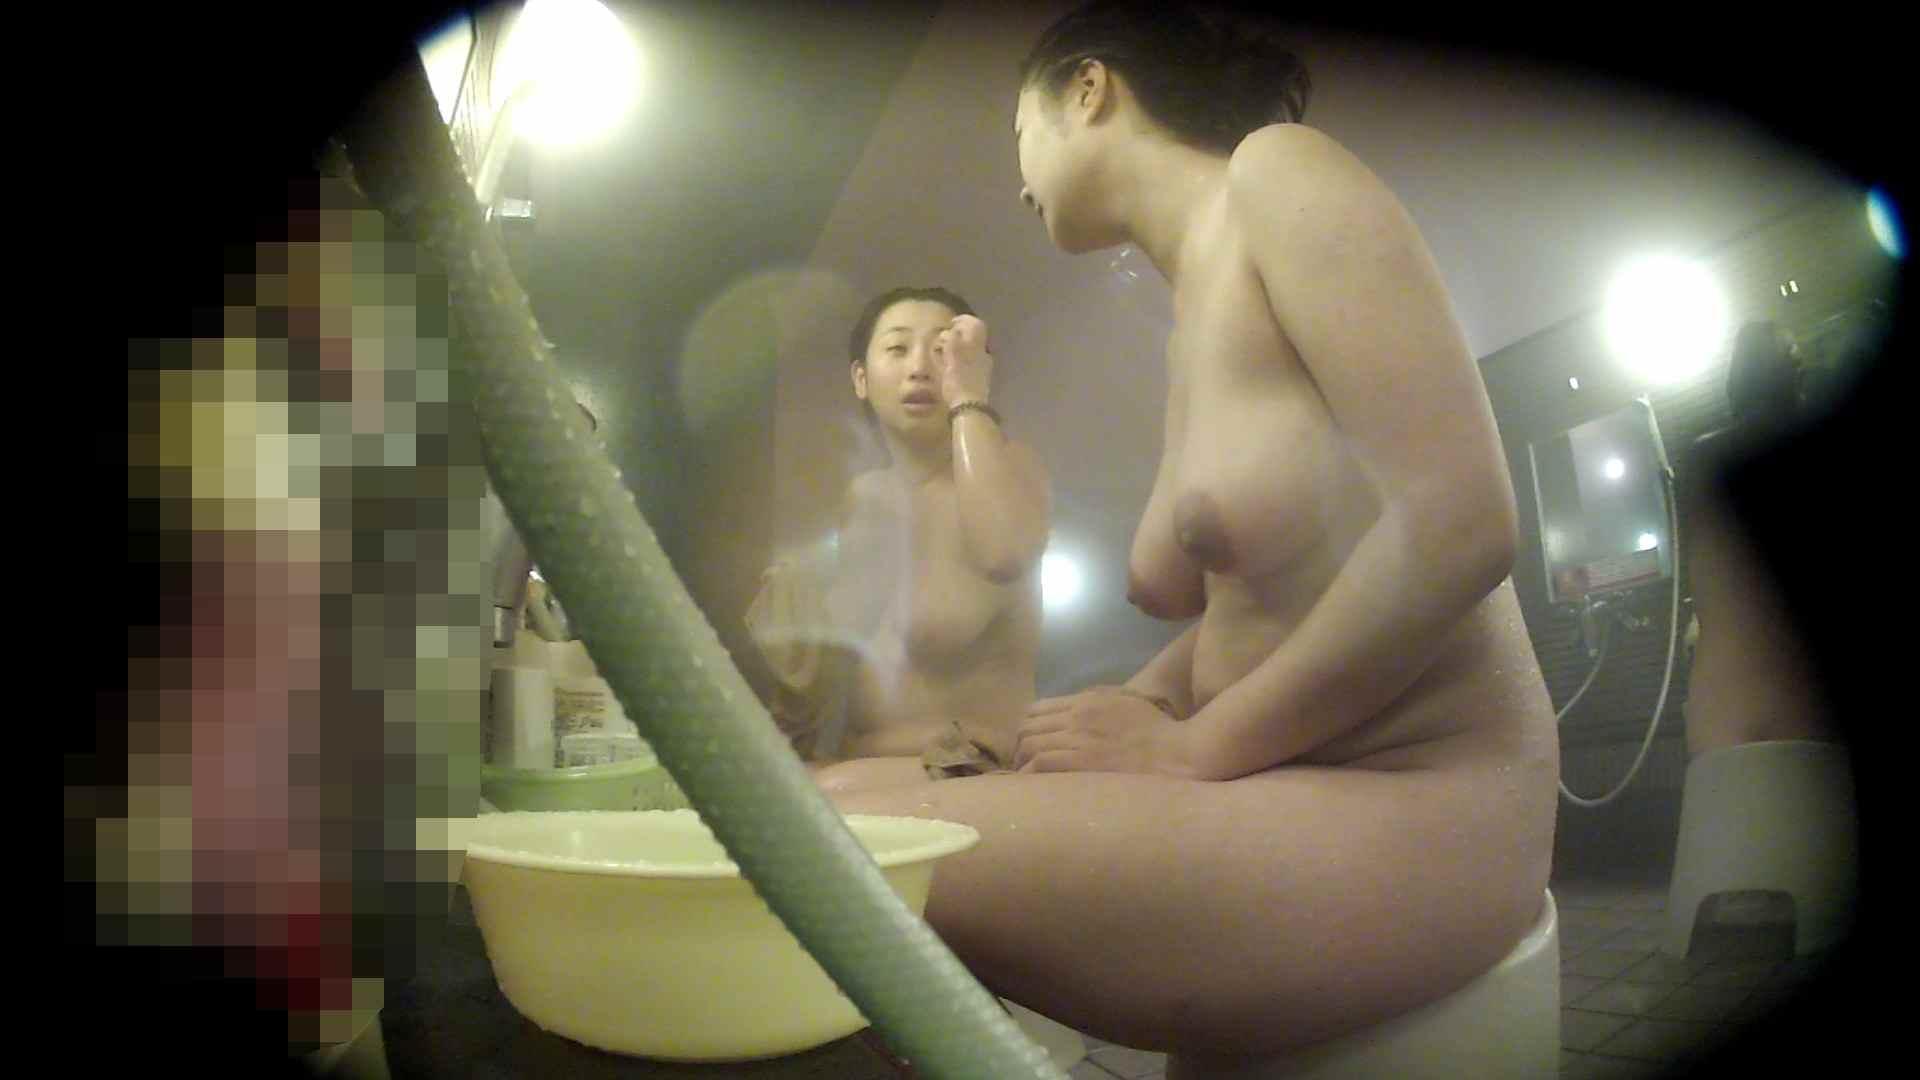 ハイビジョン 洗い場!豊満な乳が大地へと・・・乳輪の大きさは人それぞれ 銭湯  95pic 16